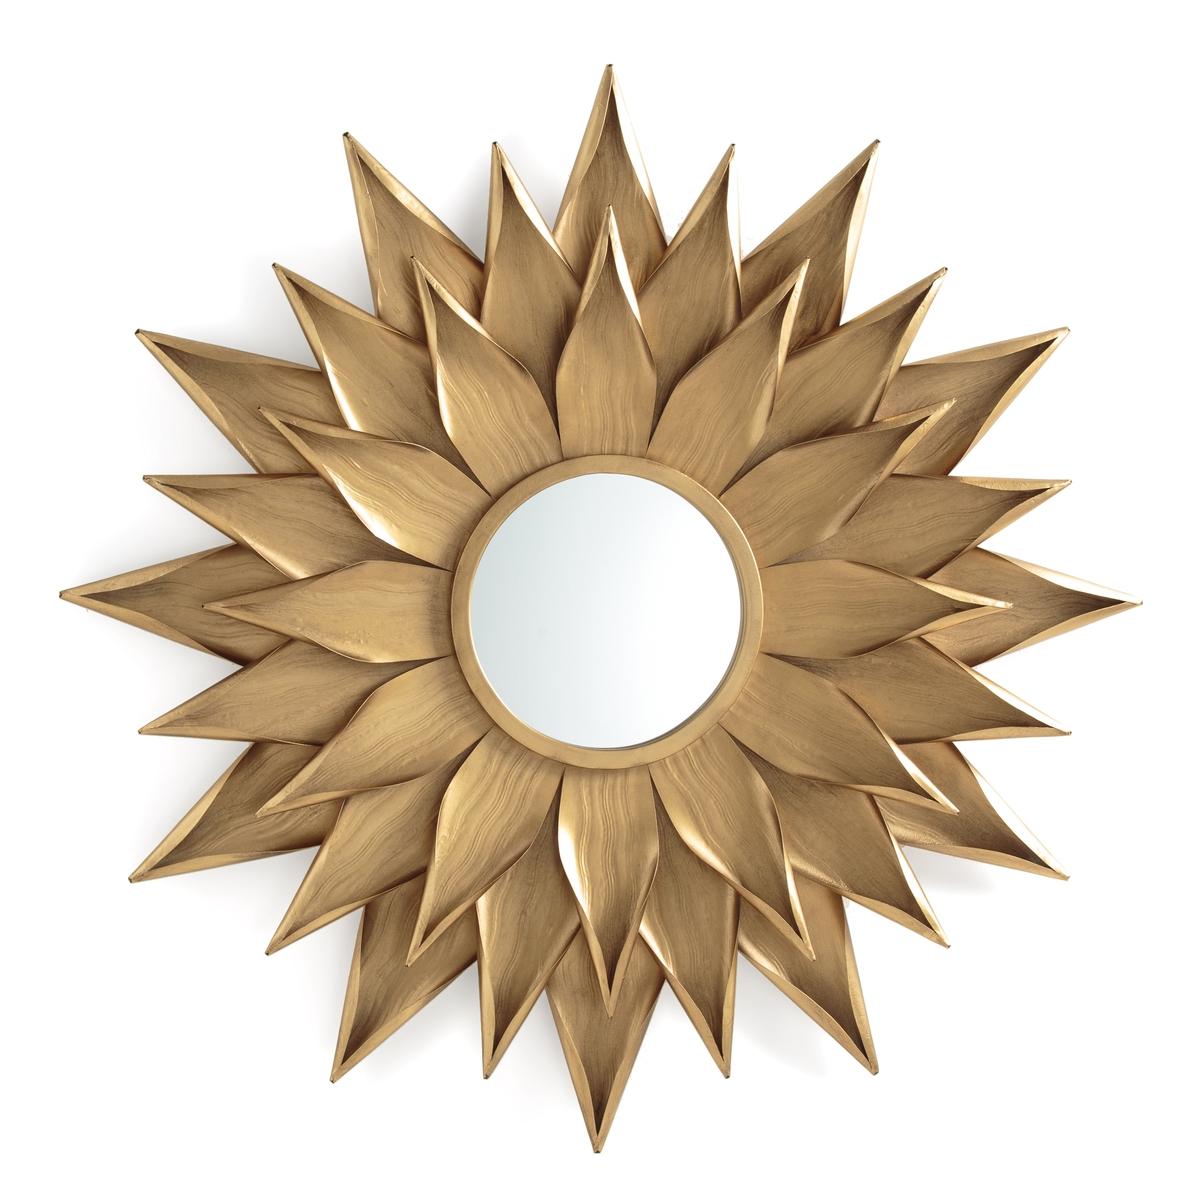 Зеркало LaRedoute - подсолнечник 825 см Tylar единый размер золотистый зеркало laredoute из металла и плетеного материала waska единый размер бежевый